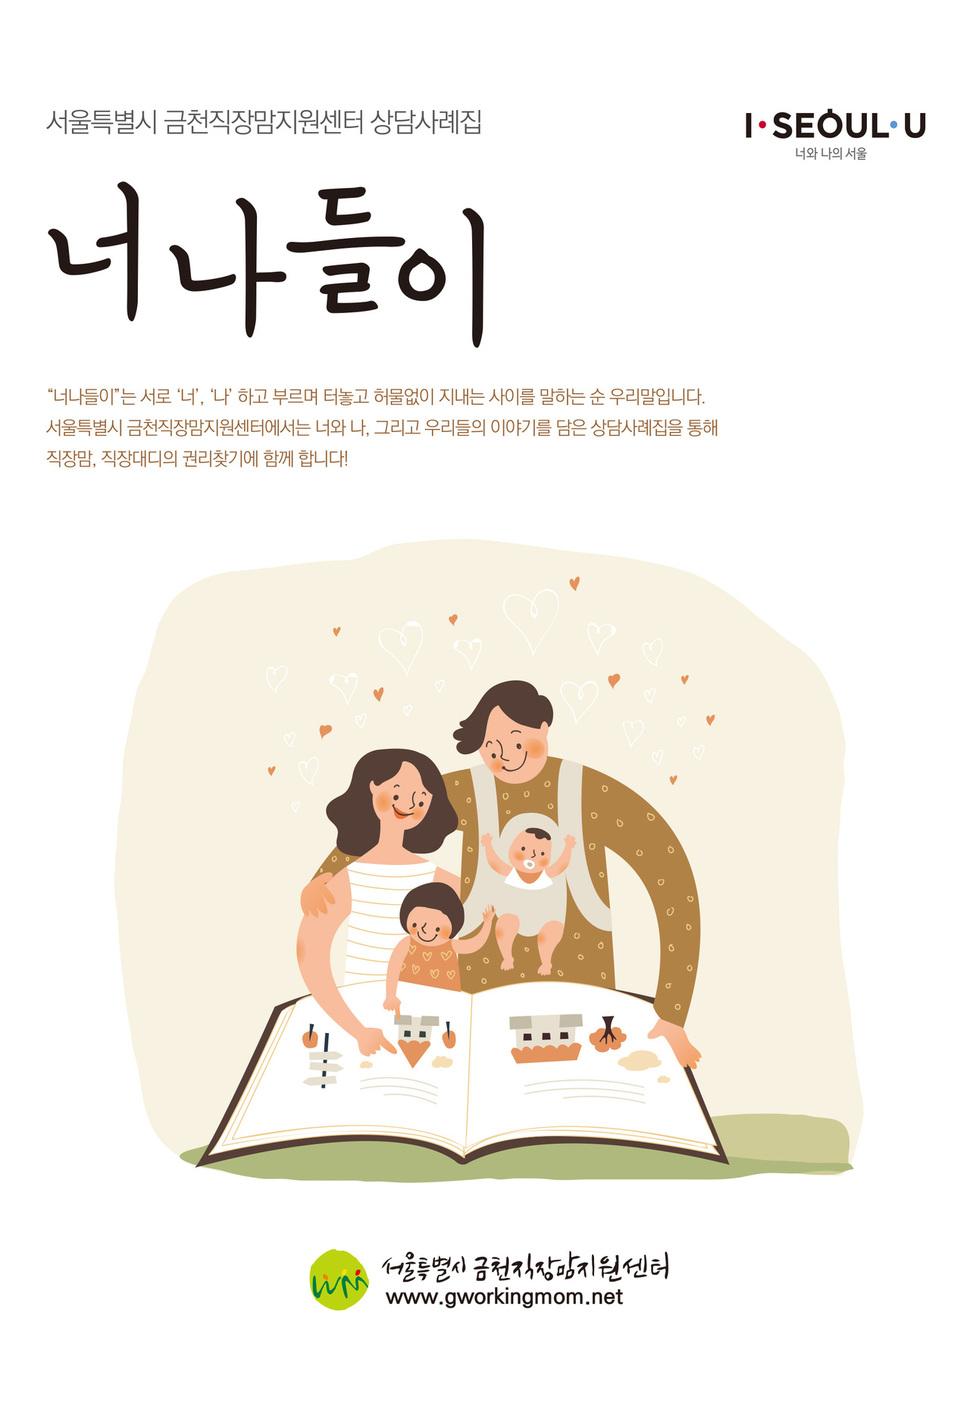 서울시 금천직장맘지원센터가 발간한 사례집 '너나들이' 서울시 금천직장맘지원센터